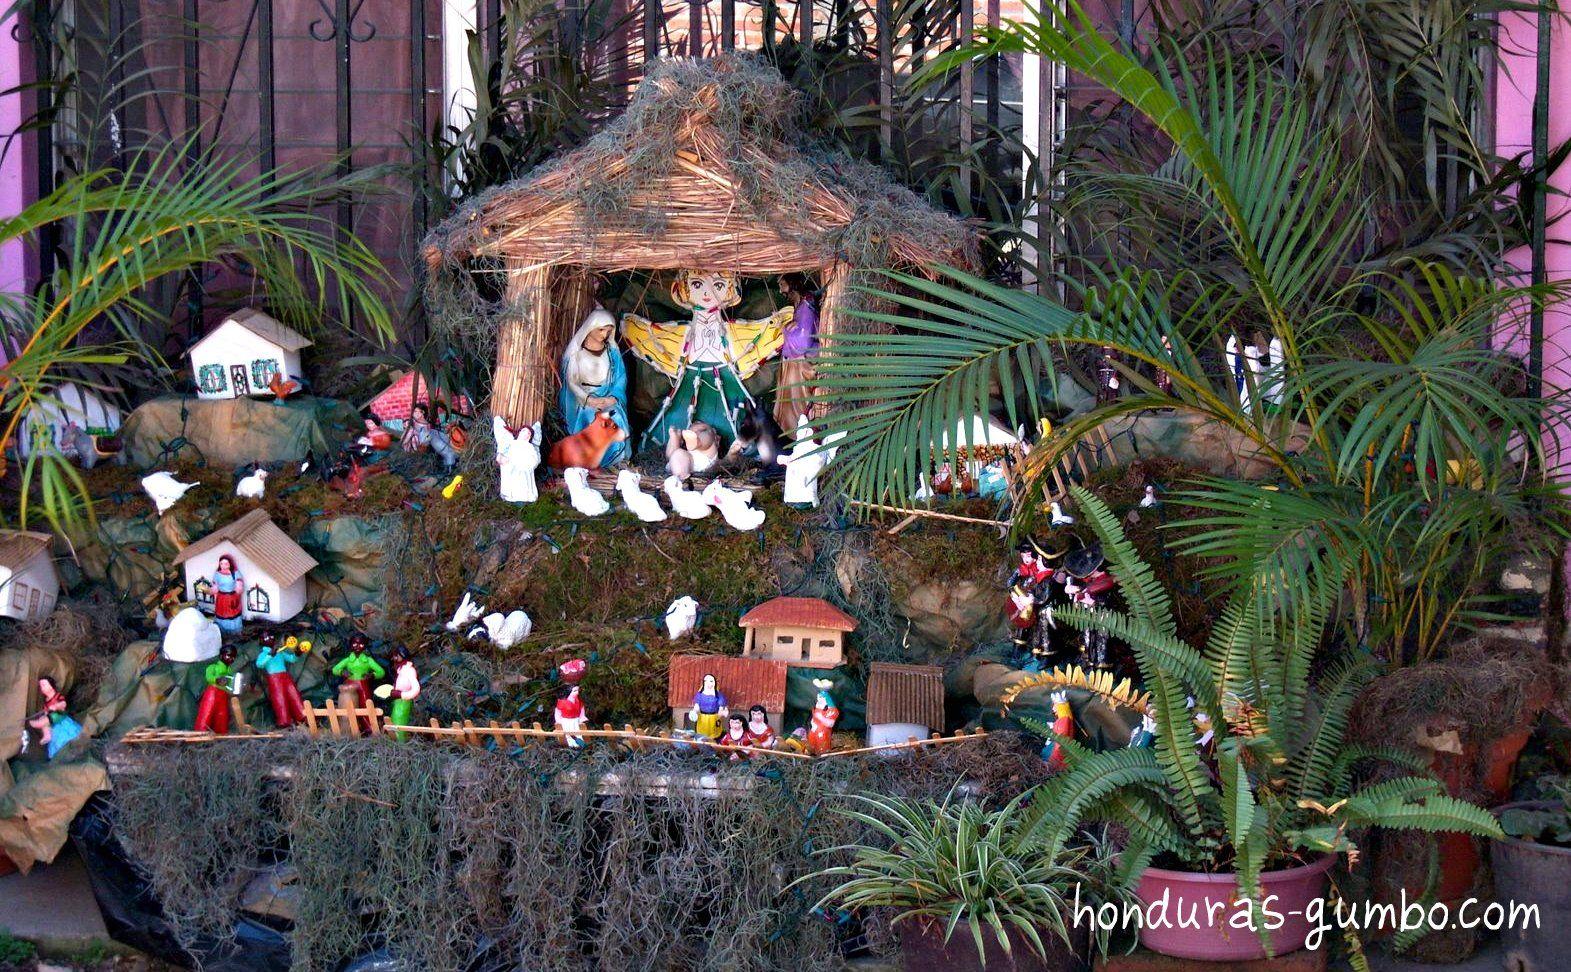 Nativity Scene Comayagua Honduras Navidad Christmas Ornaments Holiday Decor